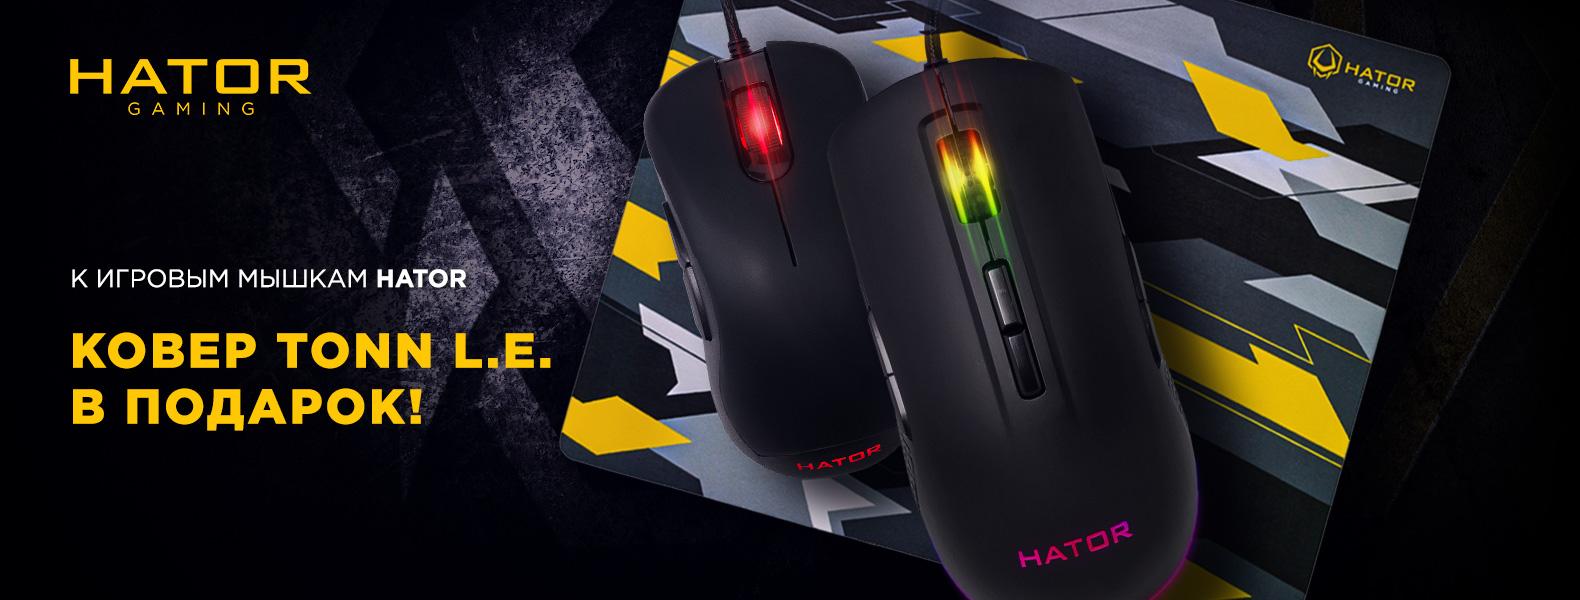 Игровая поверхность в подарок к новым мышкам Hator